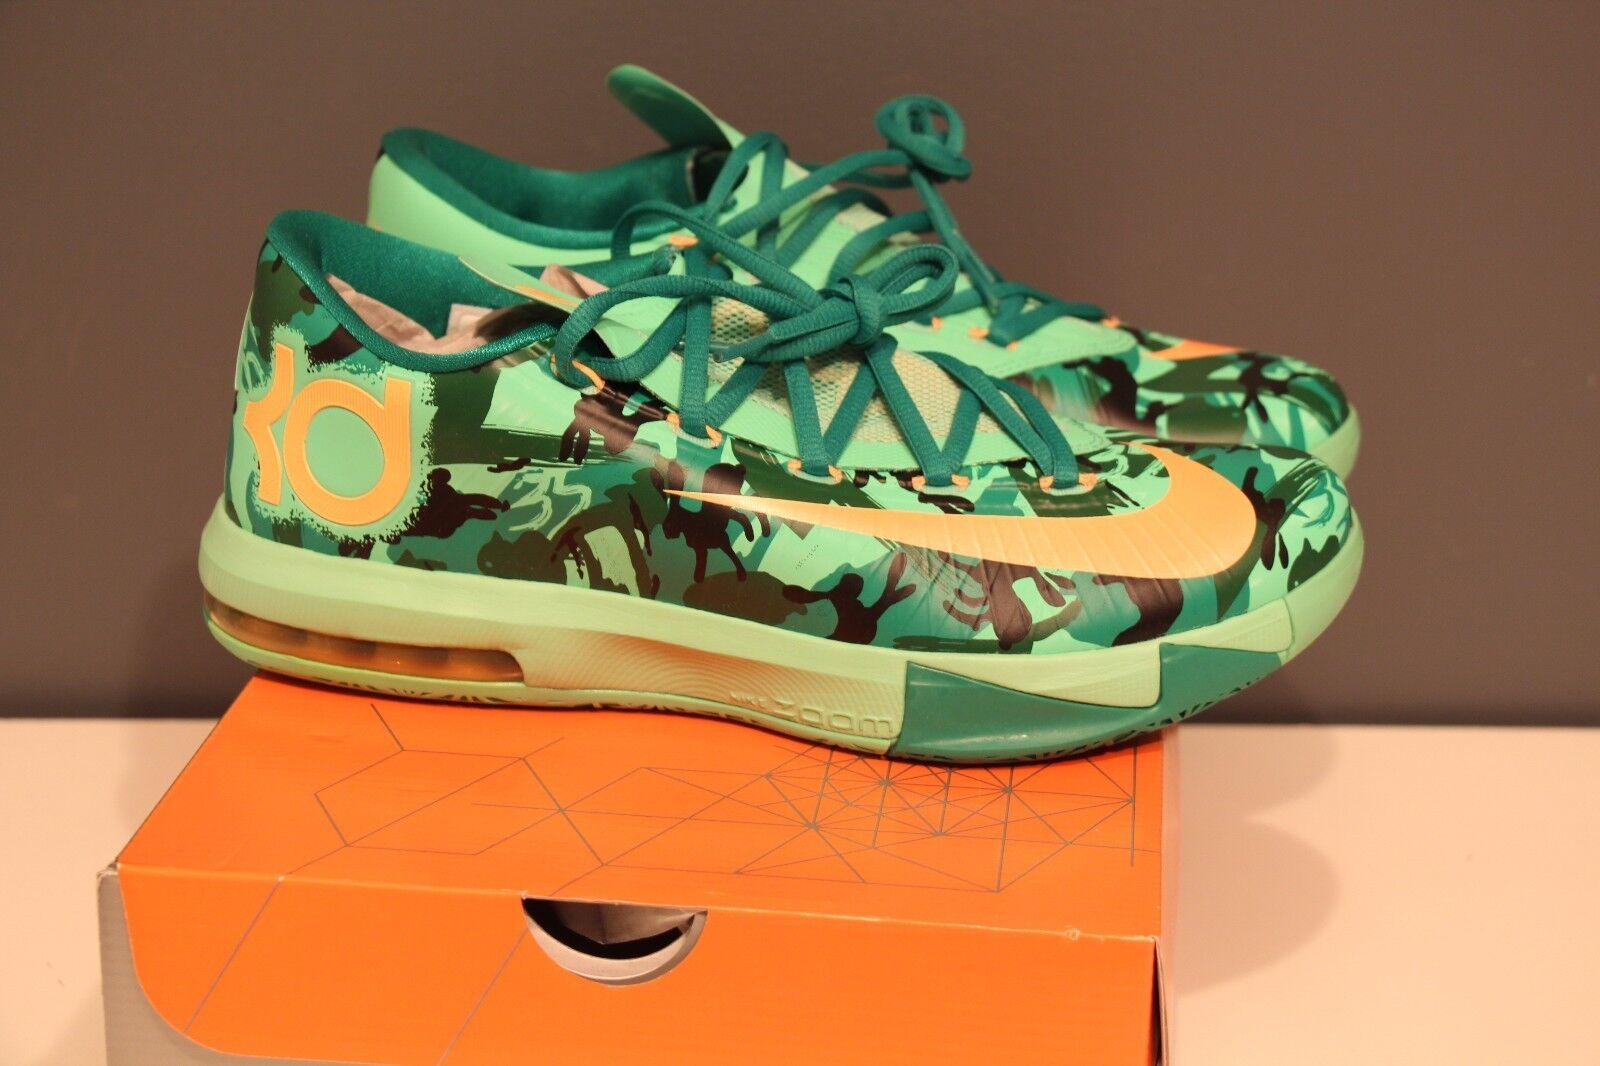 Nike kd vi 6 pasqua lucida verde mimetico nuovo sz 9,5 nuovo mimetico mango atomica scorte morte ddd379